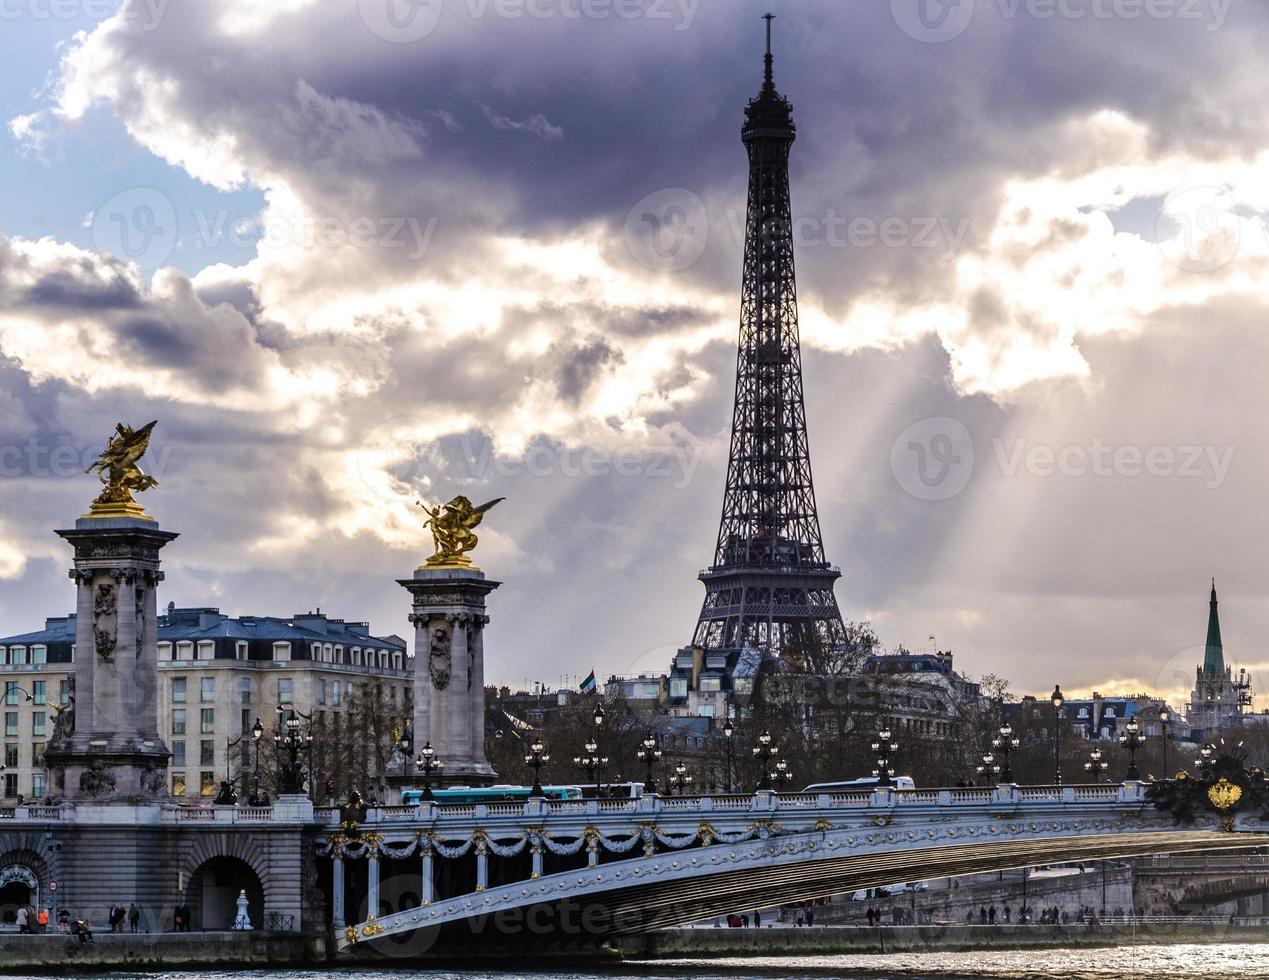 alexandre iii bridge e torre eiffel, parigi foto